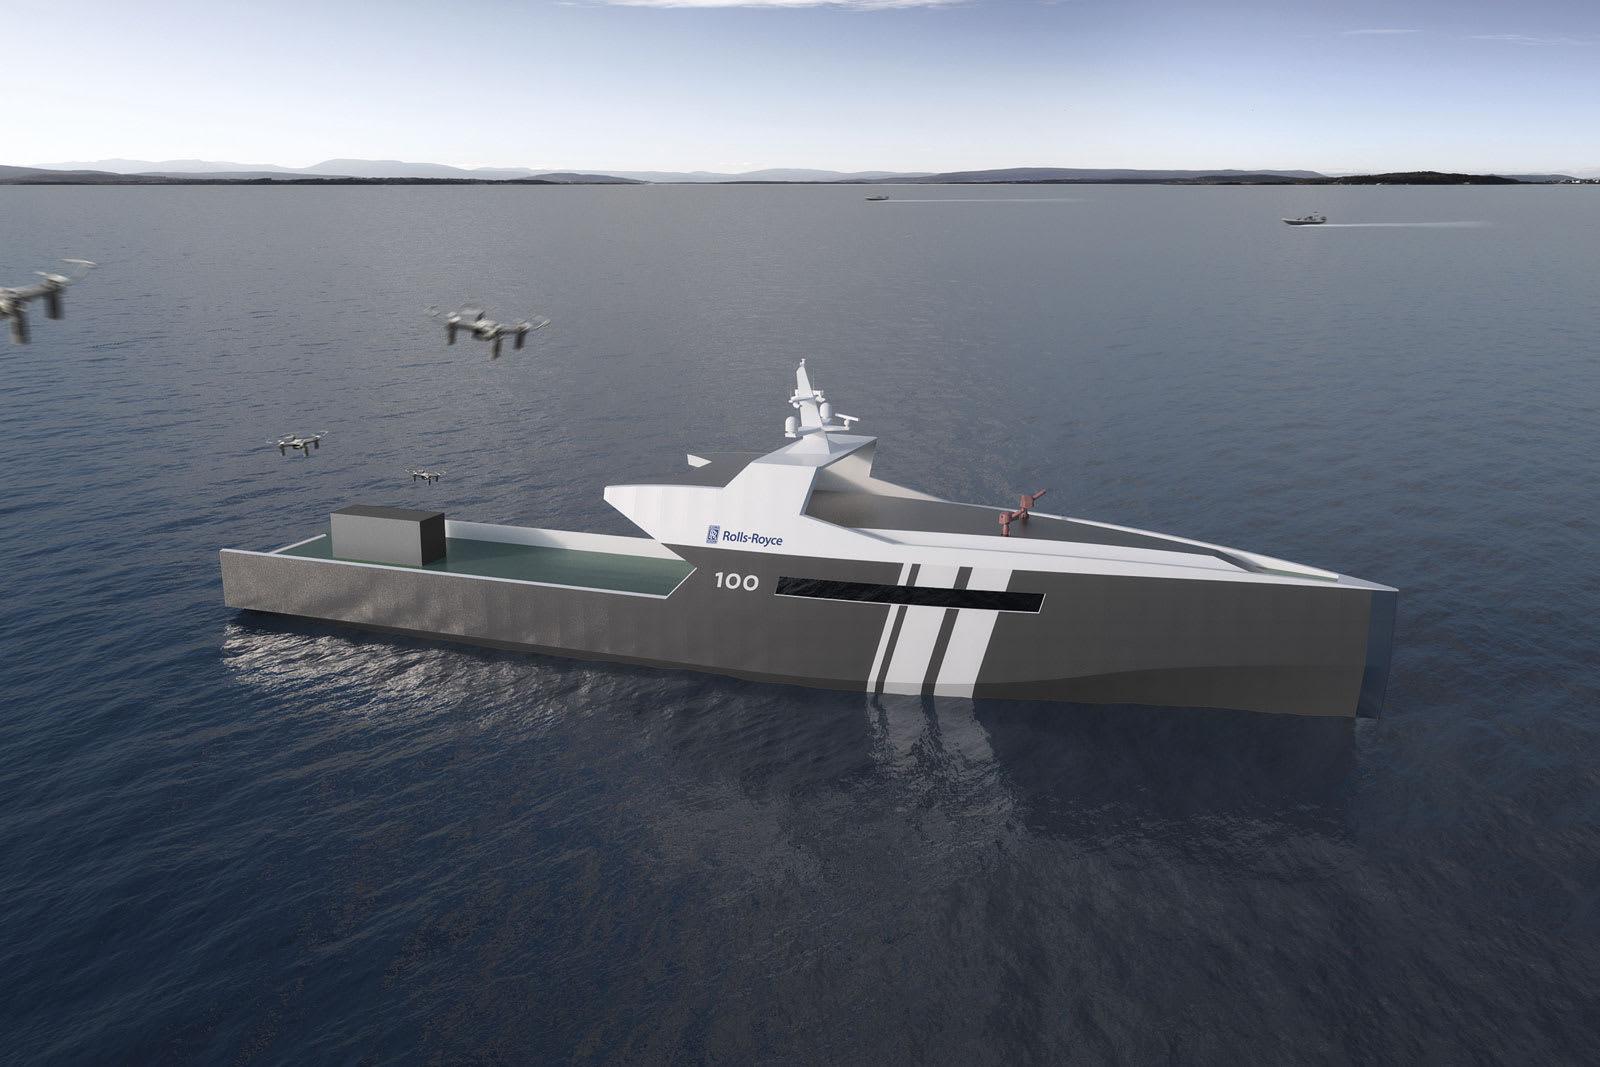 Rolls-Royce unveils plans for an autonomous patrol ship